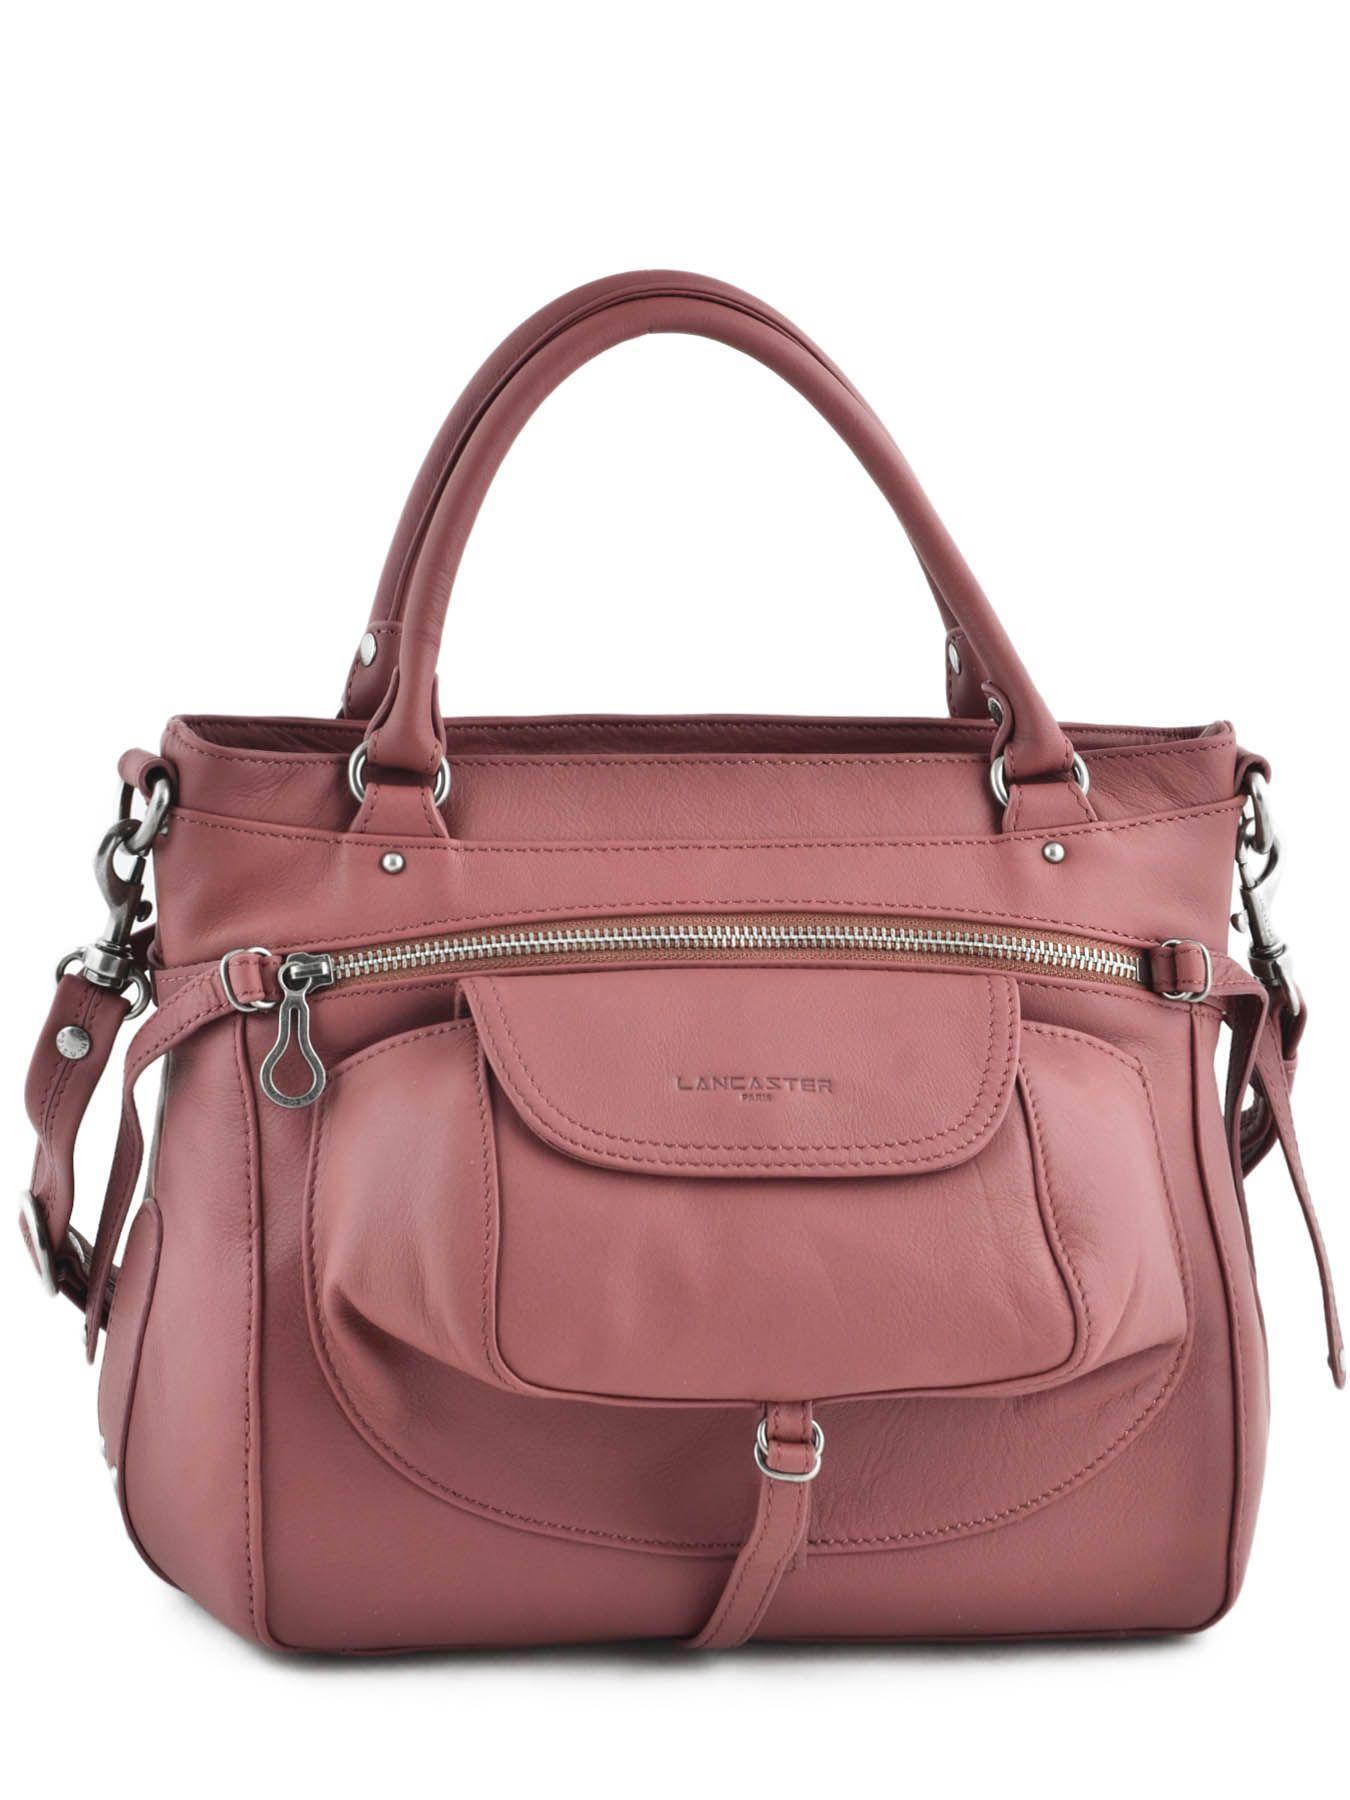 Cuir De Vachette C Est Quoi shopping/cabas soft vintage nova cuir lancaster rose soft